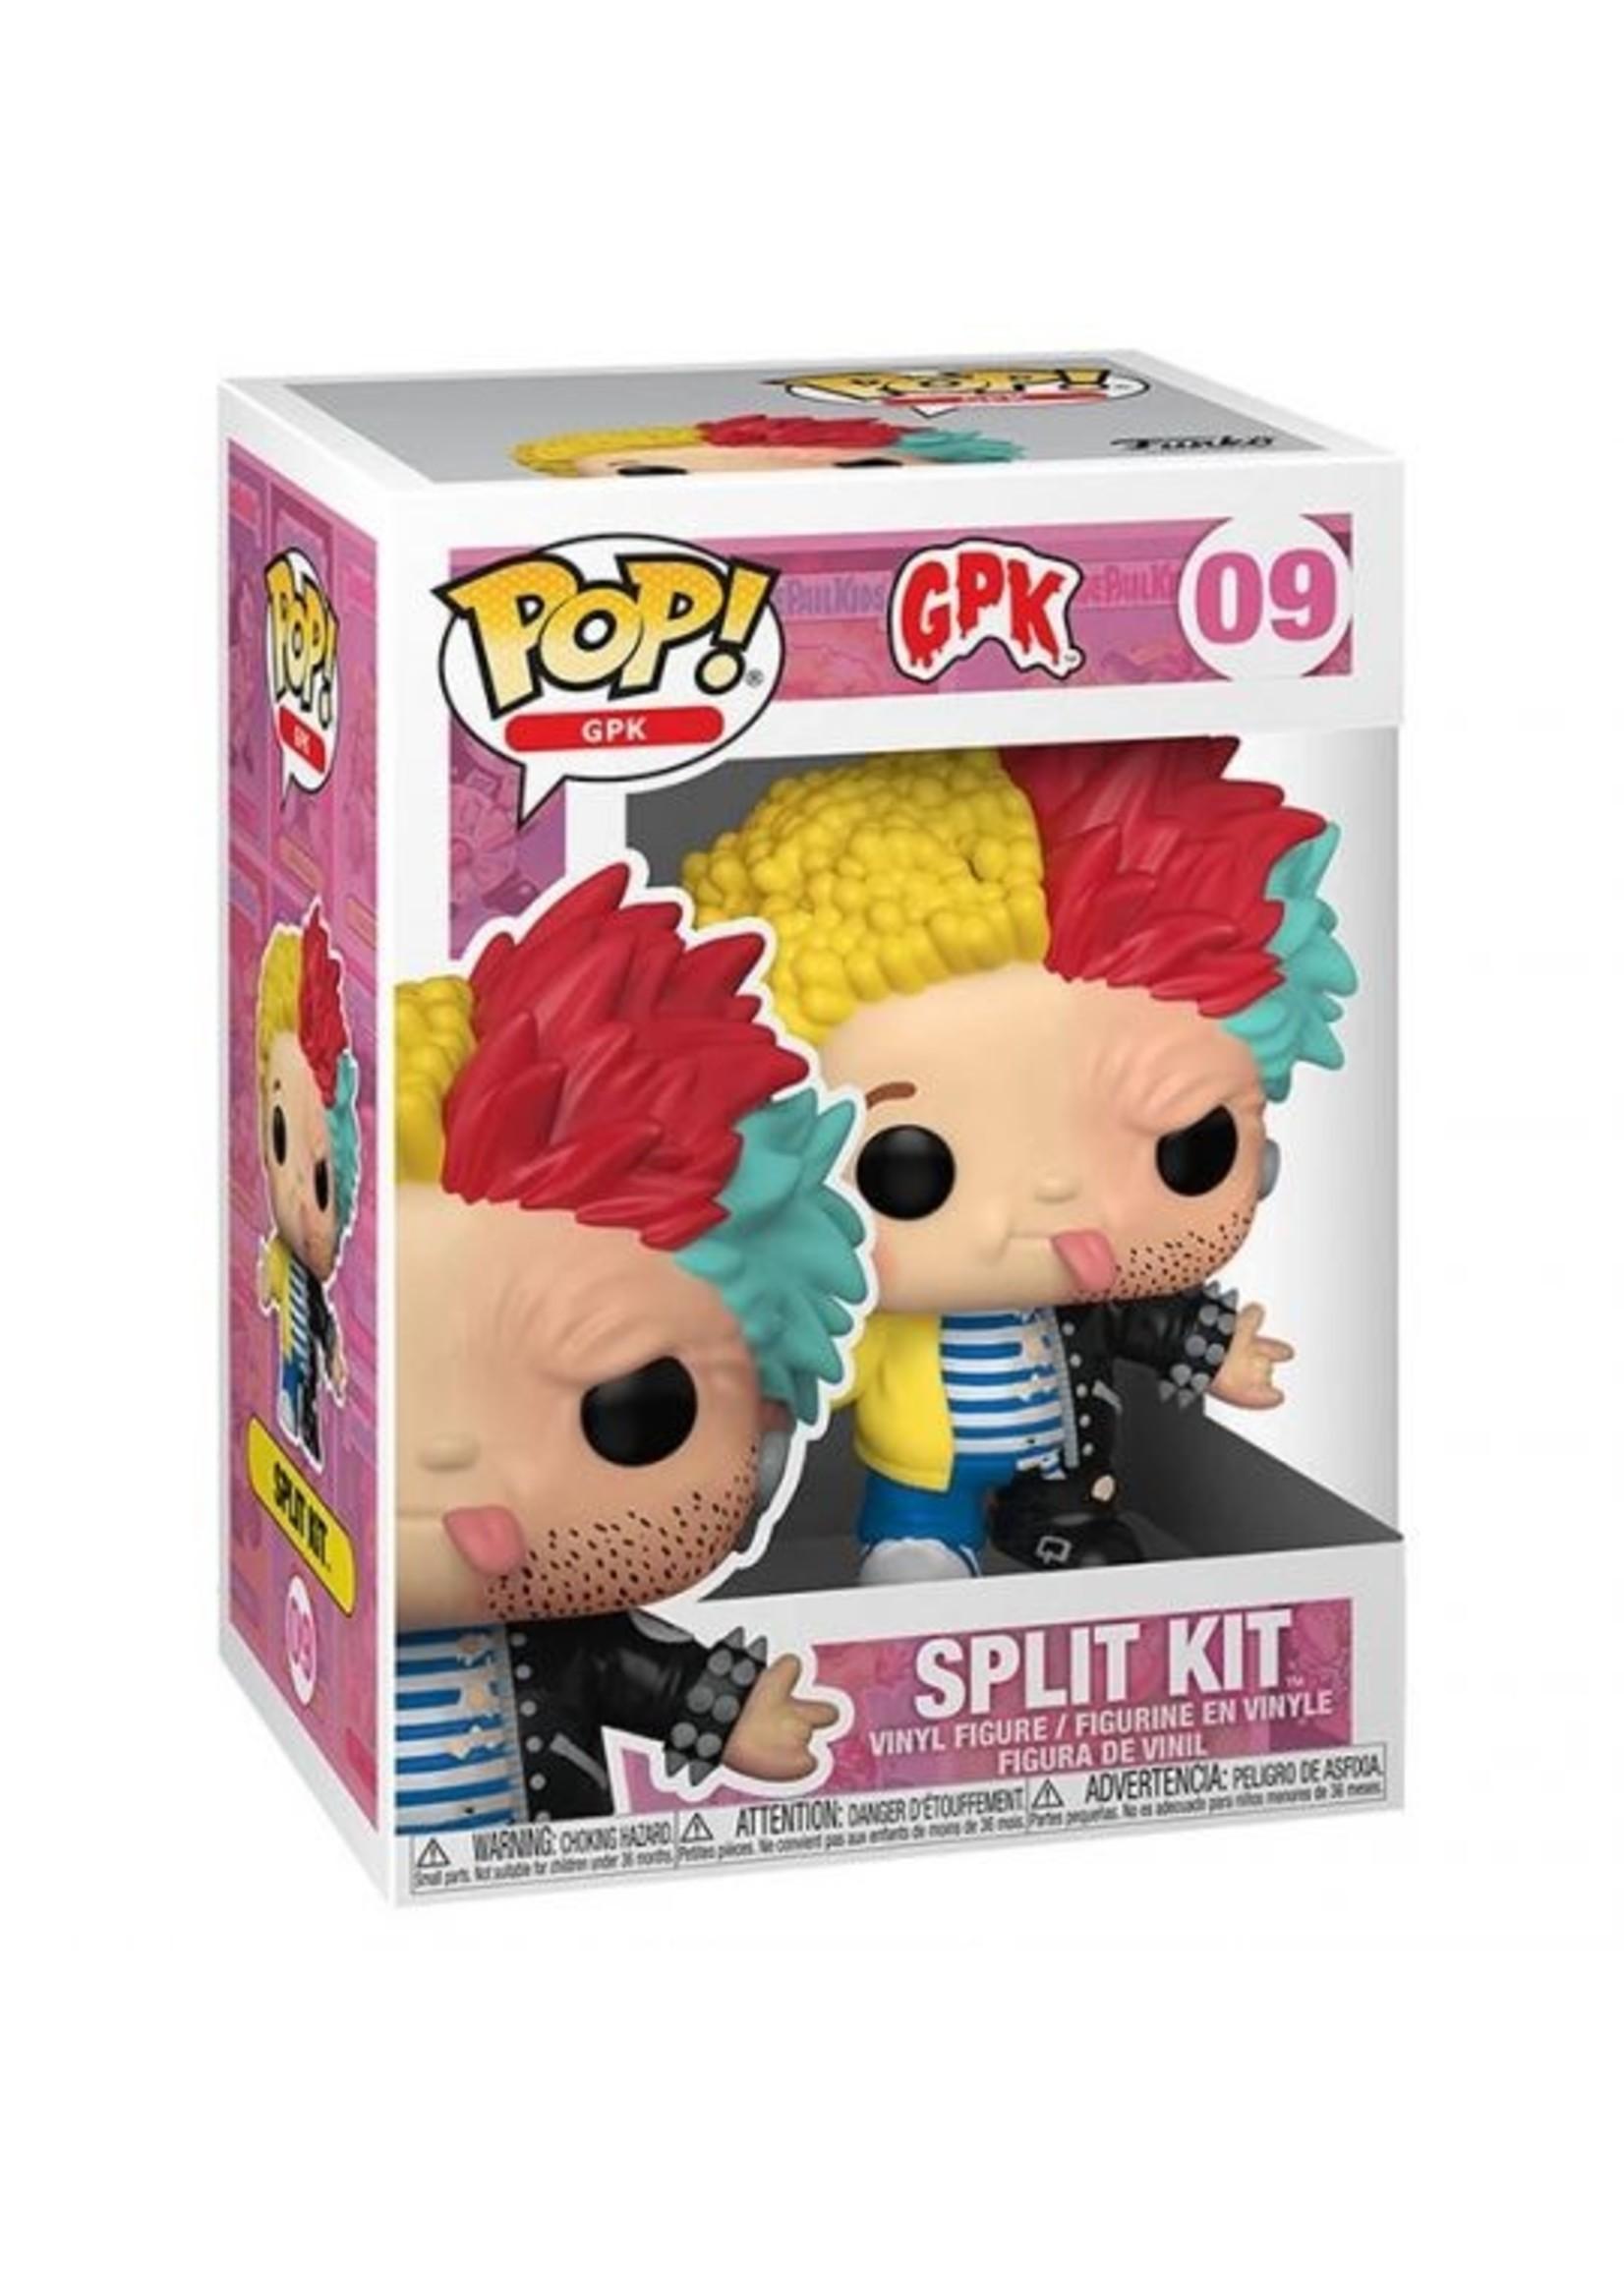 GPK Split Kit Pop